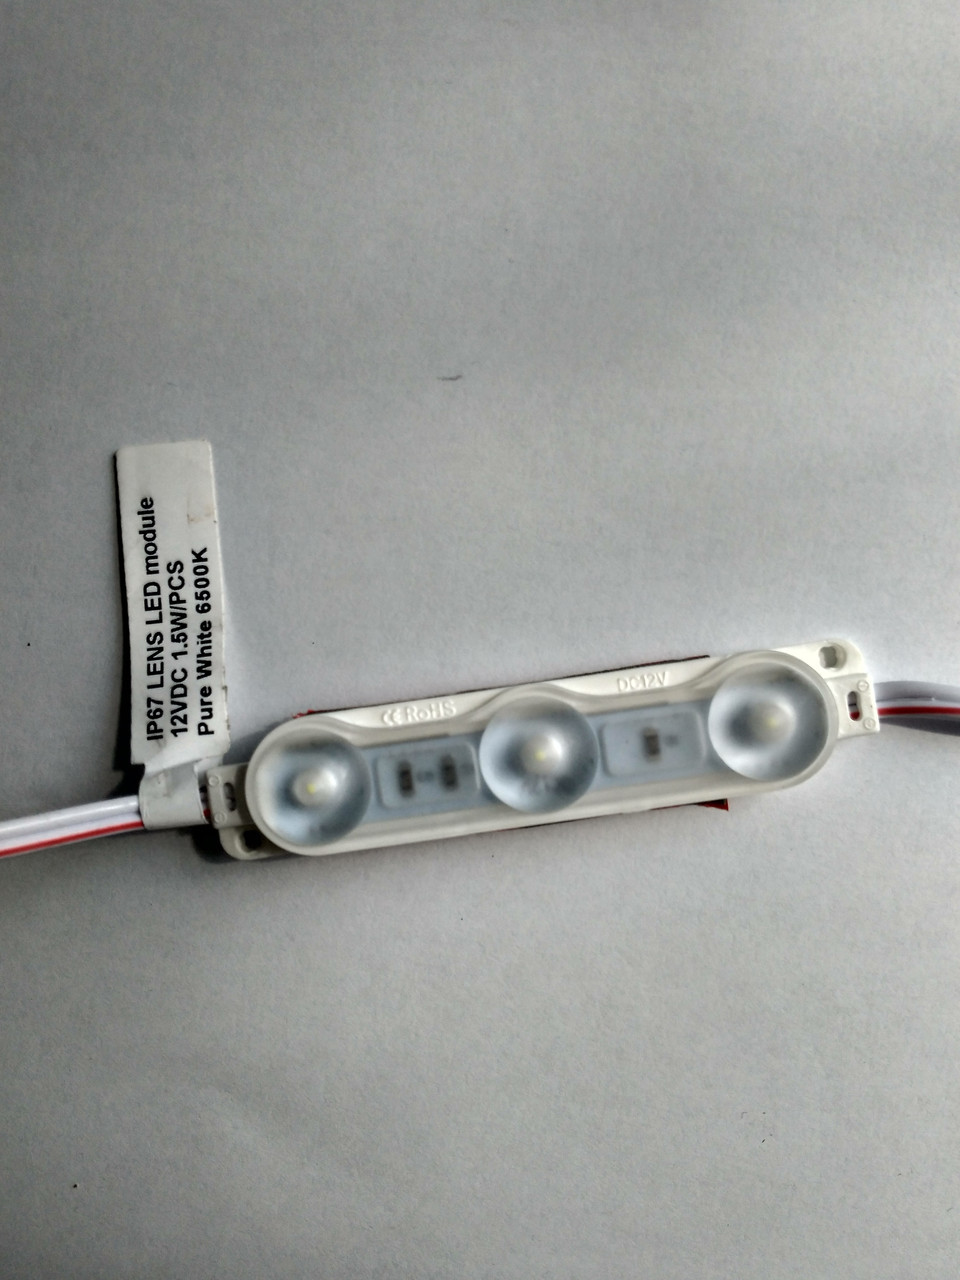 Оранжевий світлодіодний модуль 0.72 Вт 12вольт три лед 2835 з лІнзами Преміум IP67